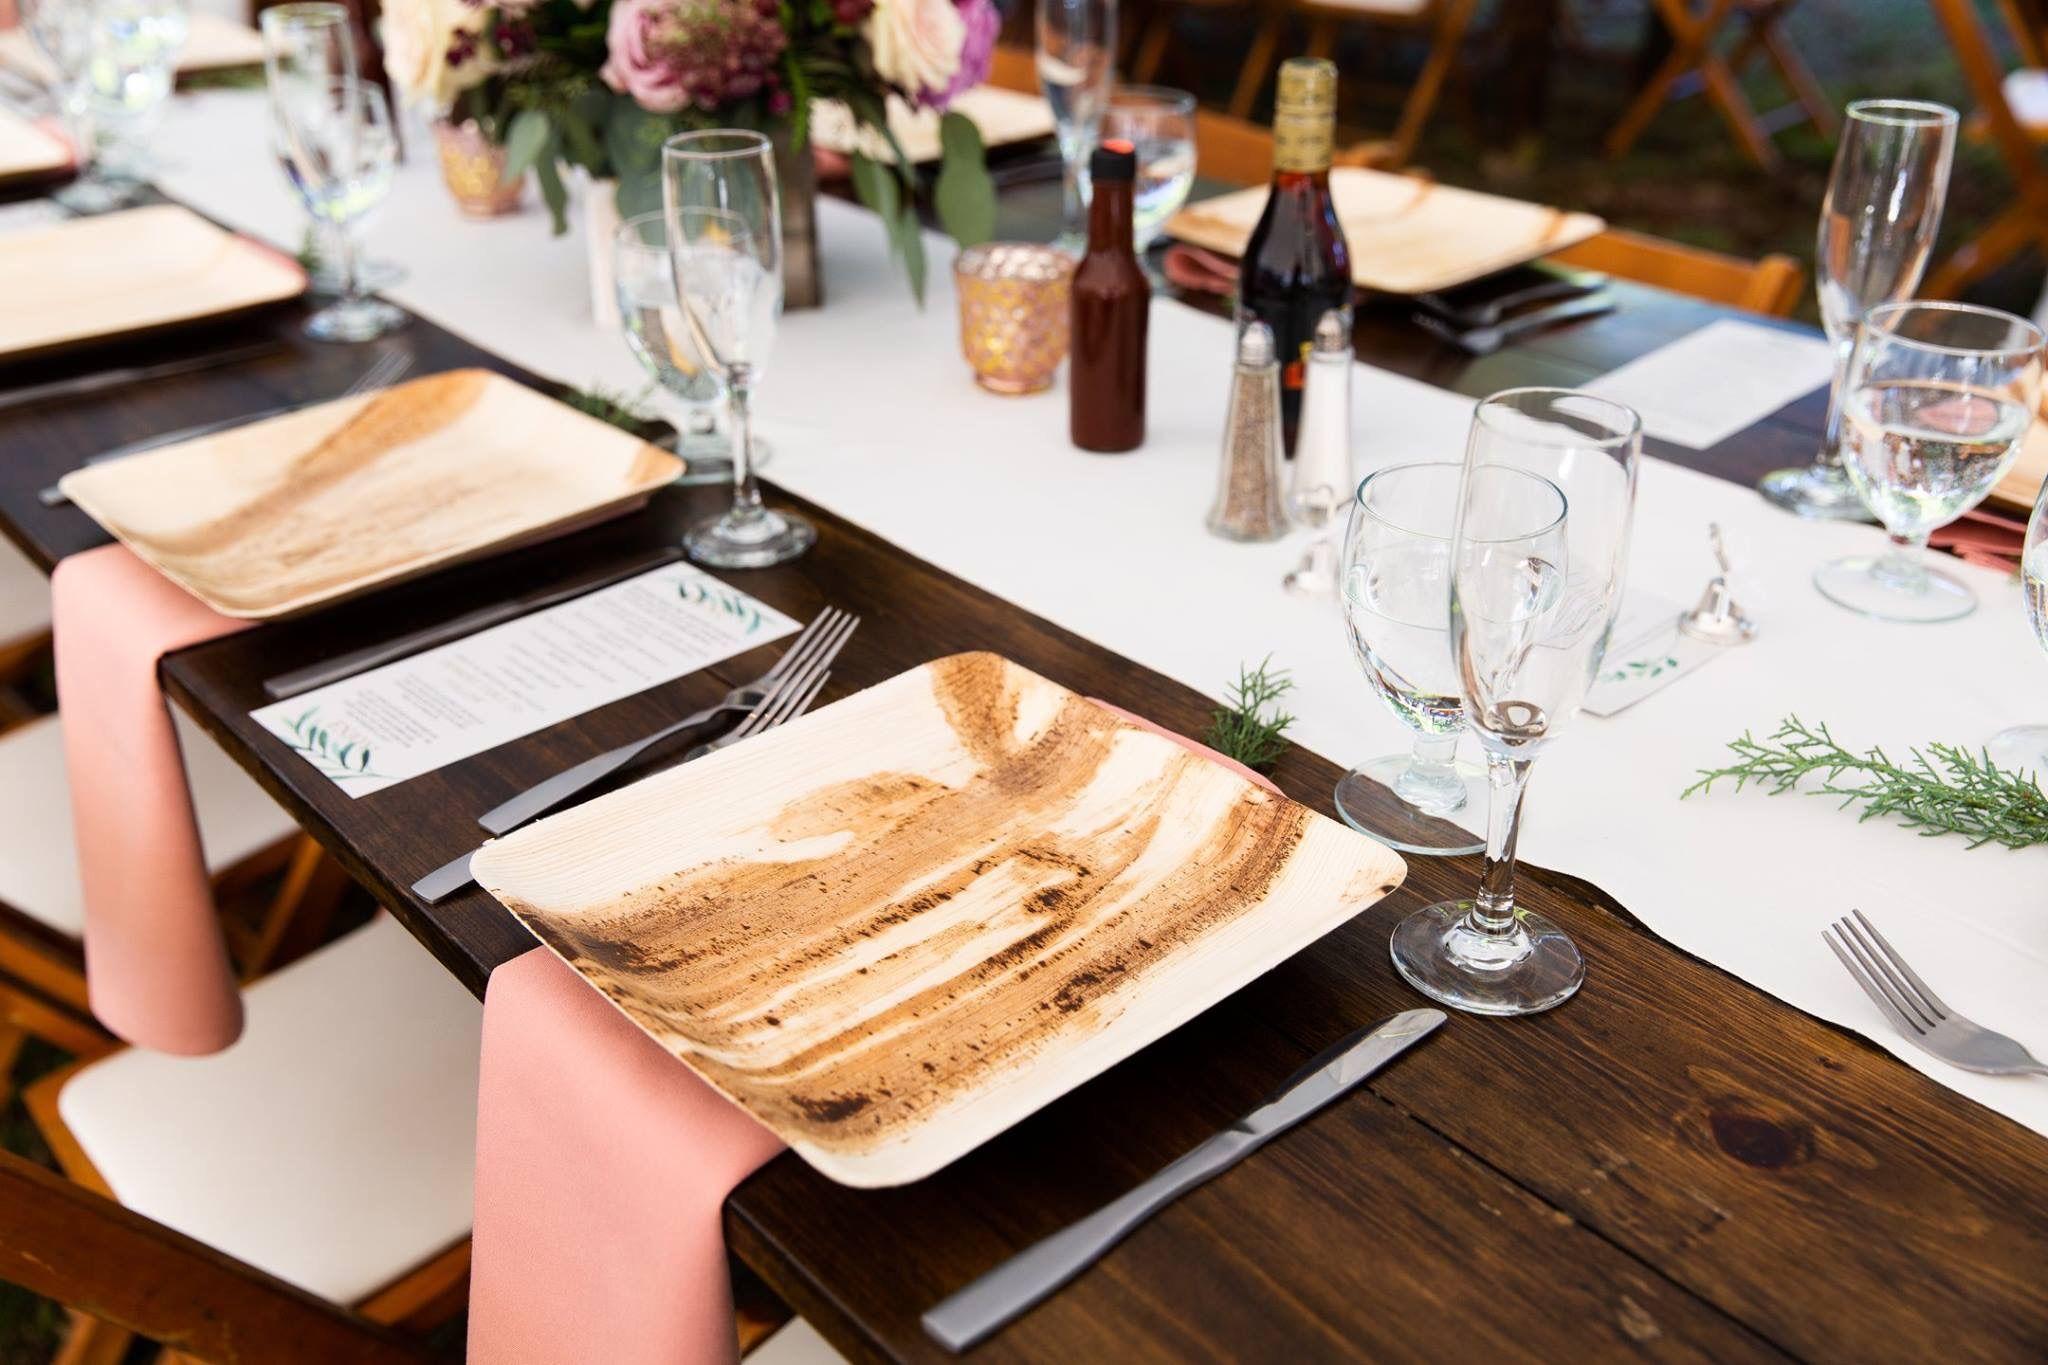 Compostable Wedding Plates Wedding Food Table Bamboo Plates Wedding Disposable Wedding Plates